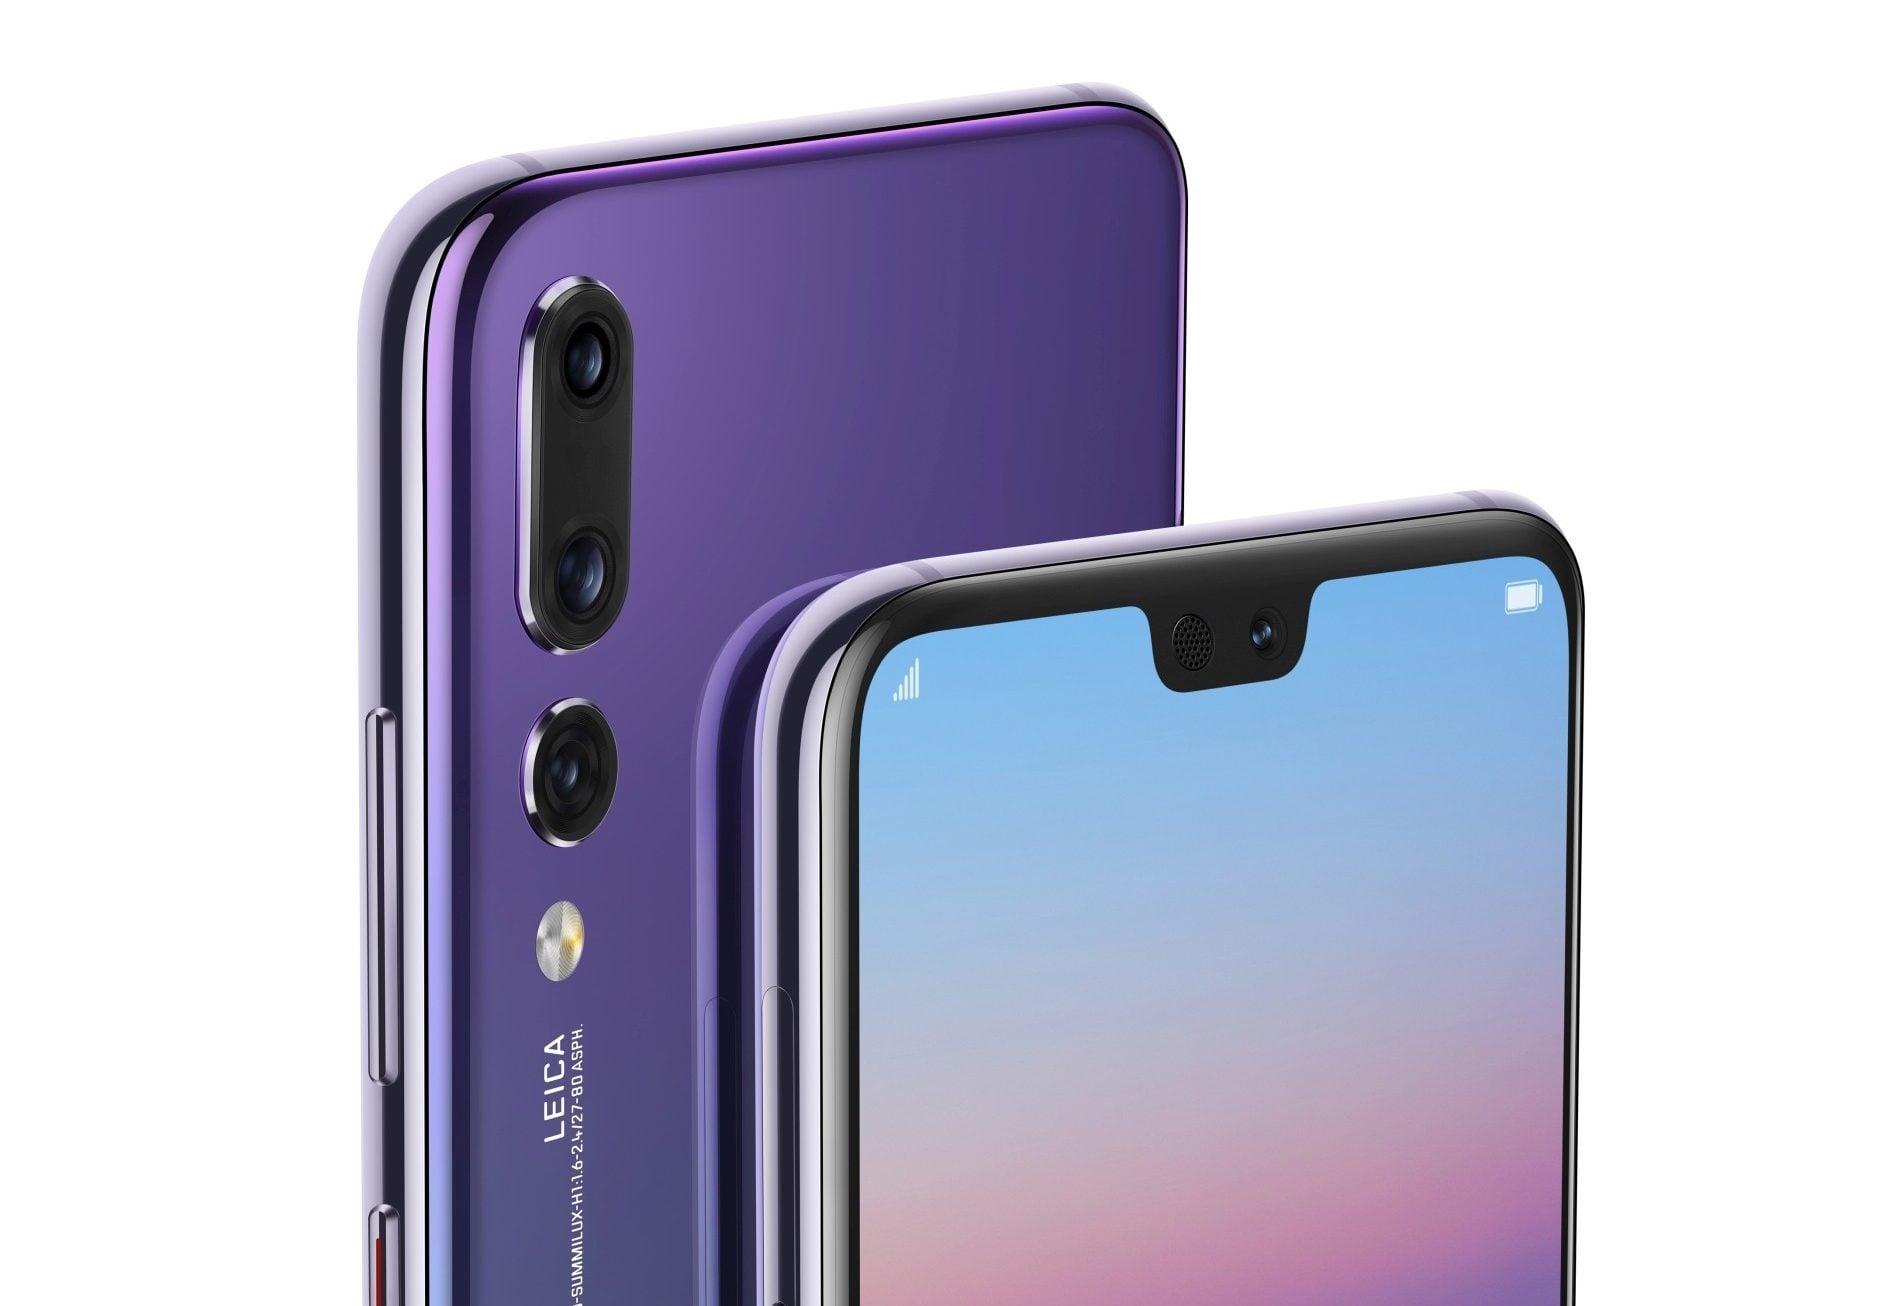 Huawei obiecuje bezpłatną wymianę ekranu lub tylnej obudowy P20/P20 Pro w ciągu trzech miesięcy od zakupu 25